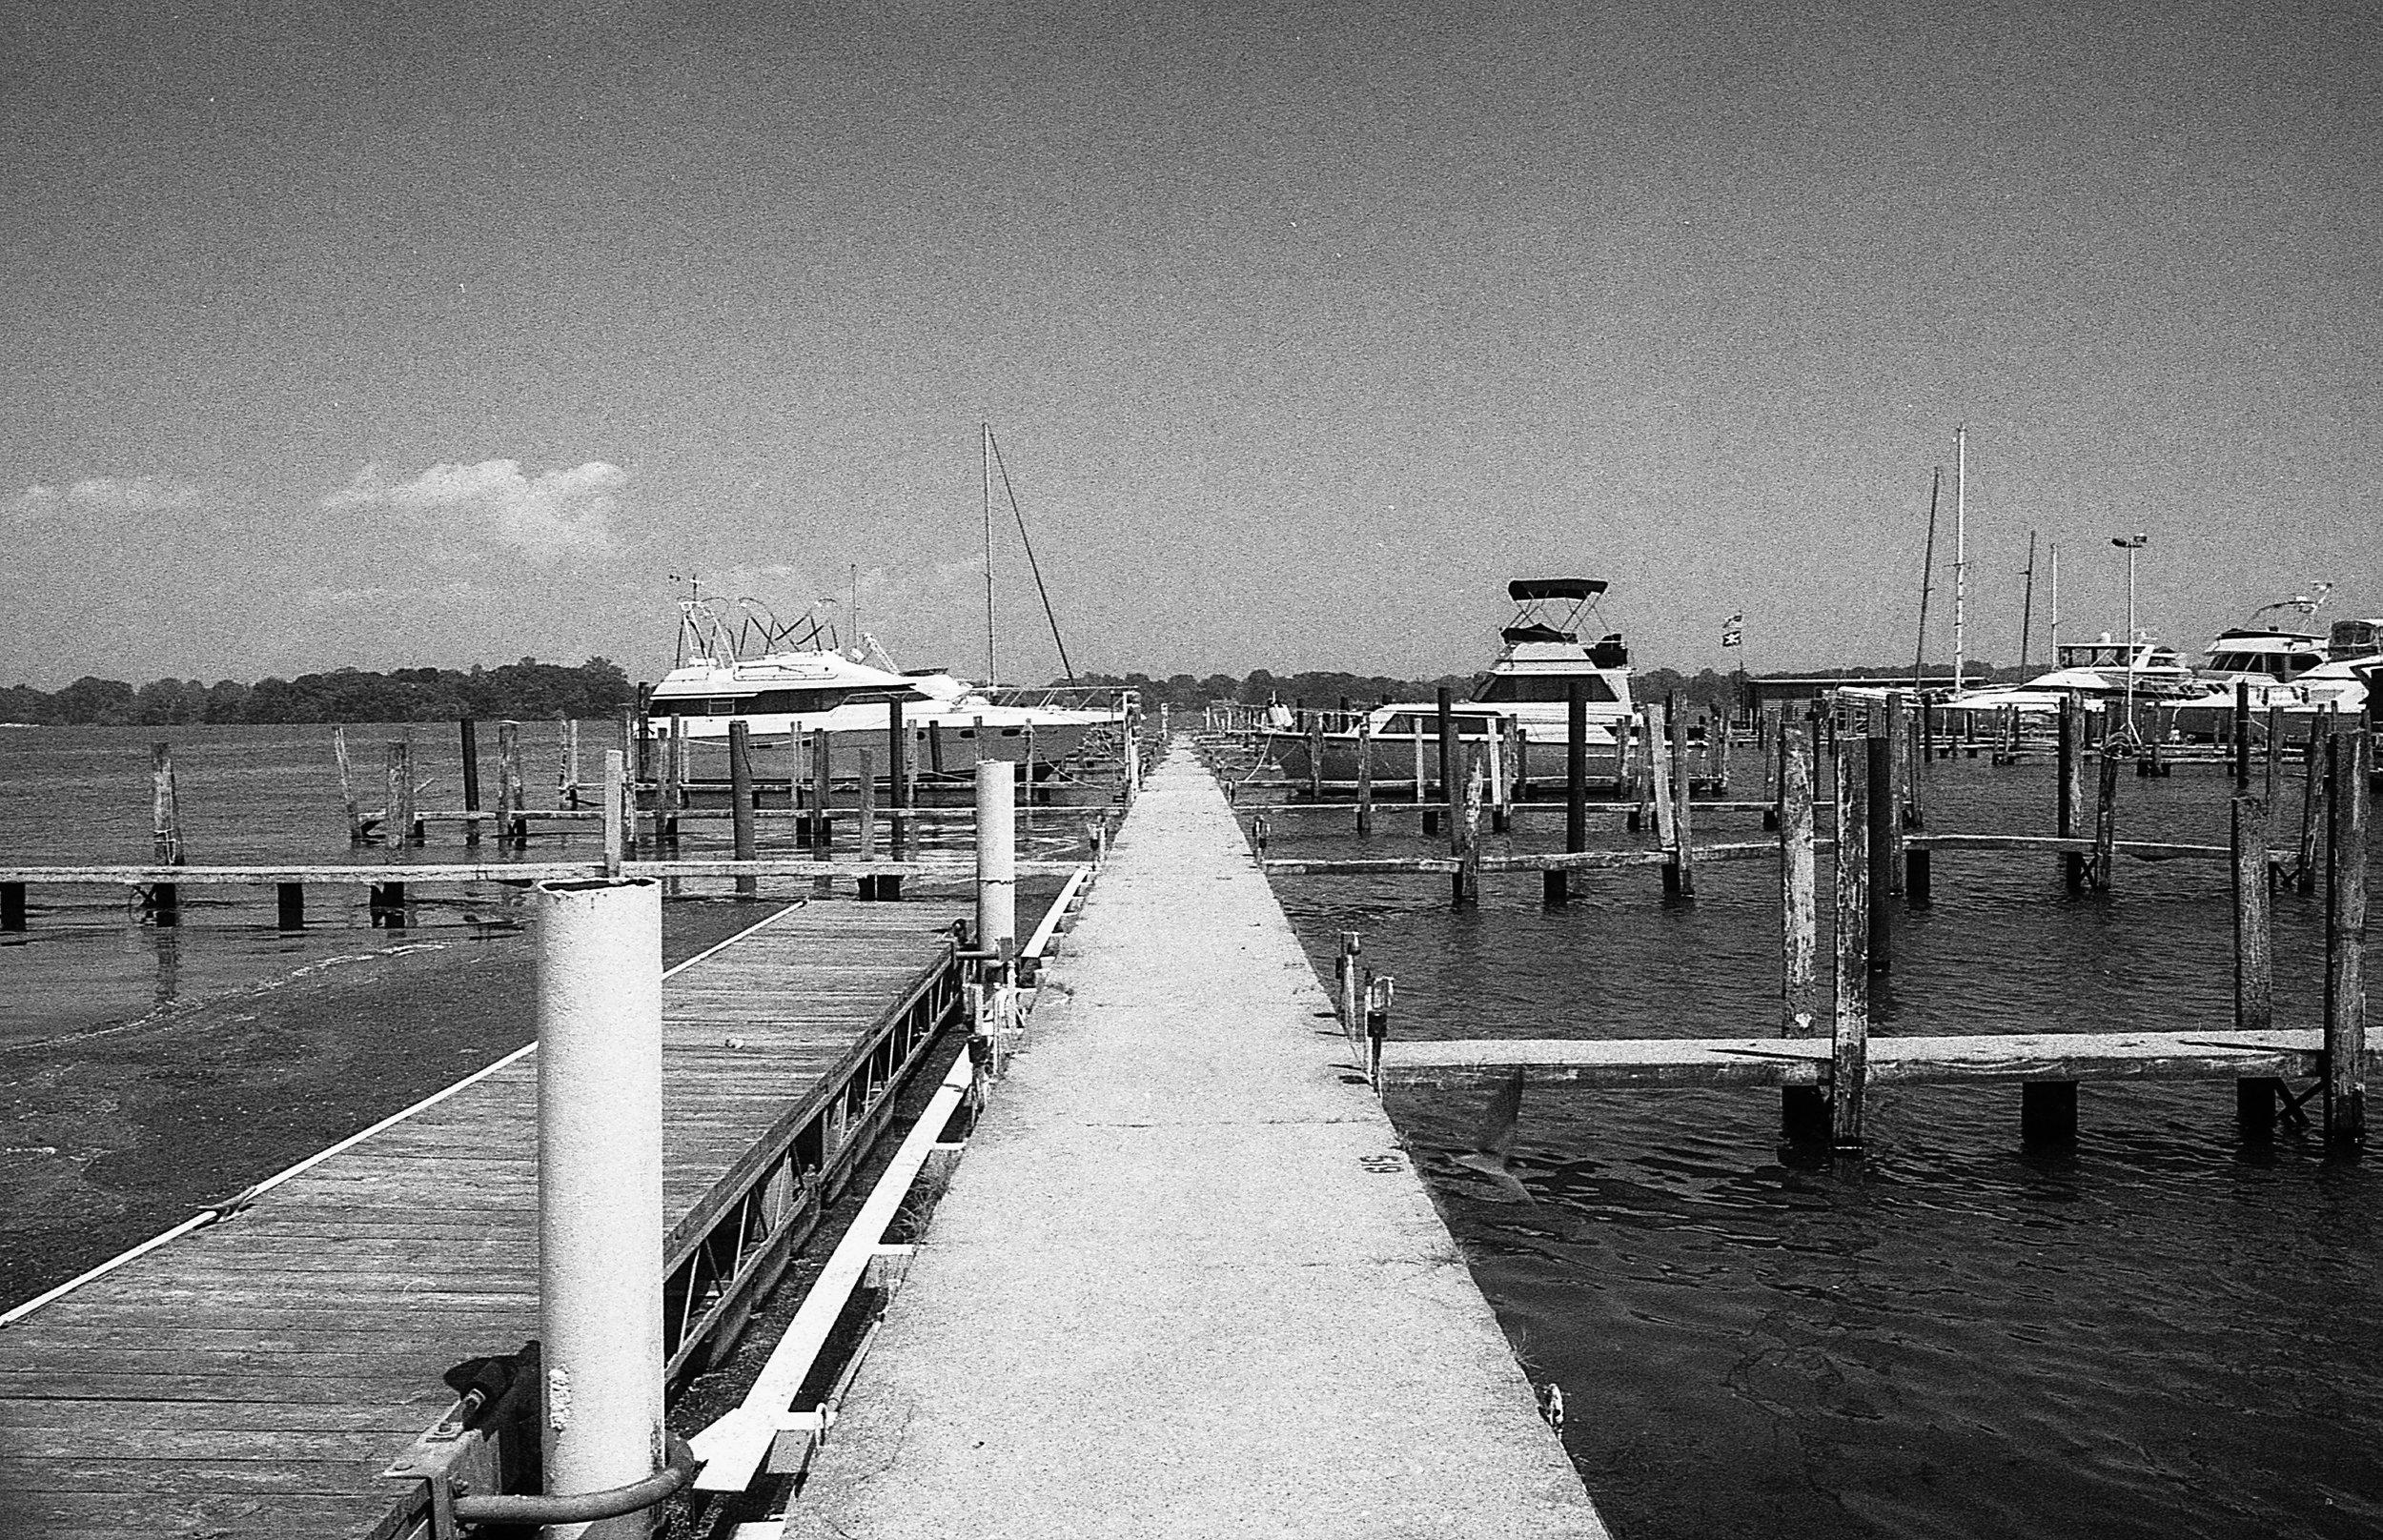 1981 Minolta X-700 Photo 35mm Film Zoe Kissel detroit river dunbar and sullivan michigan humbug marina